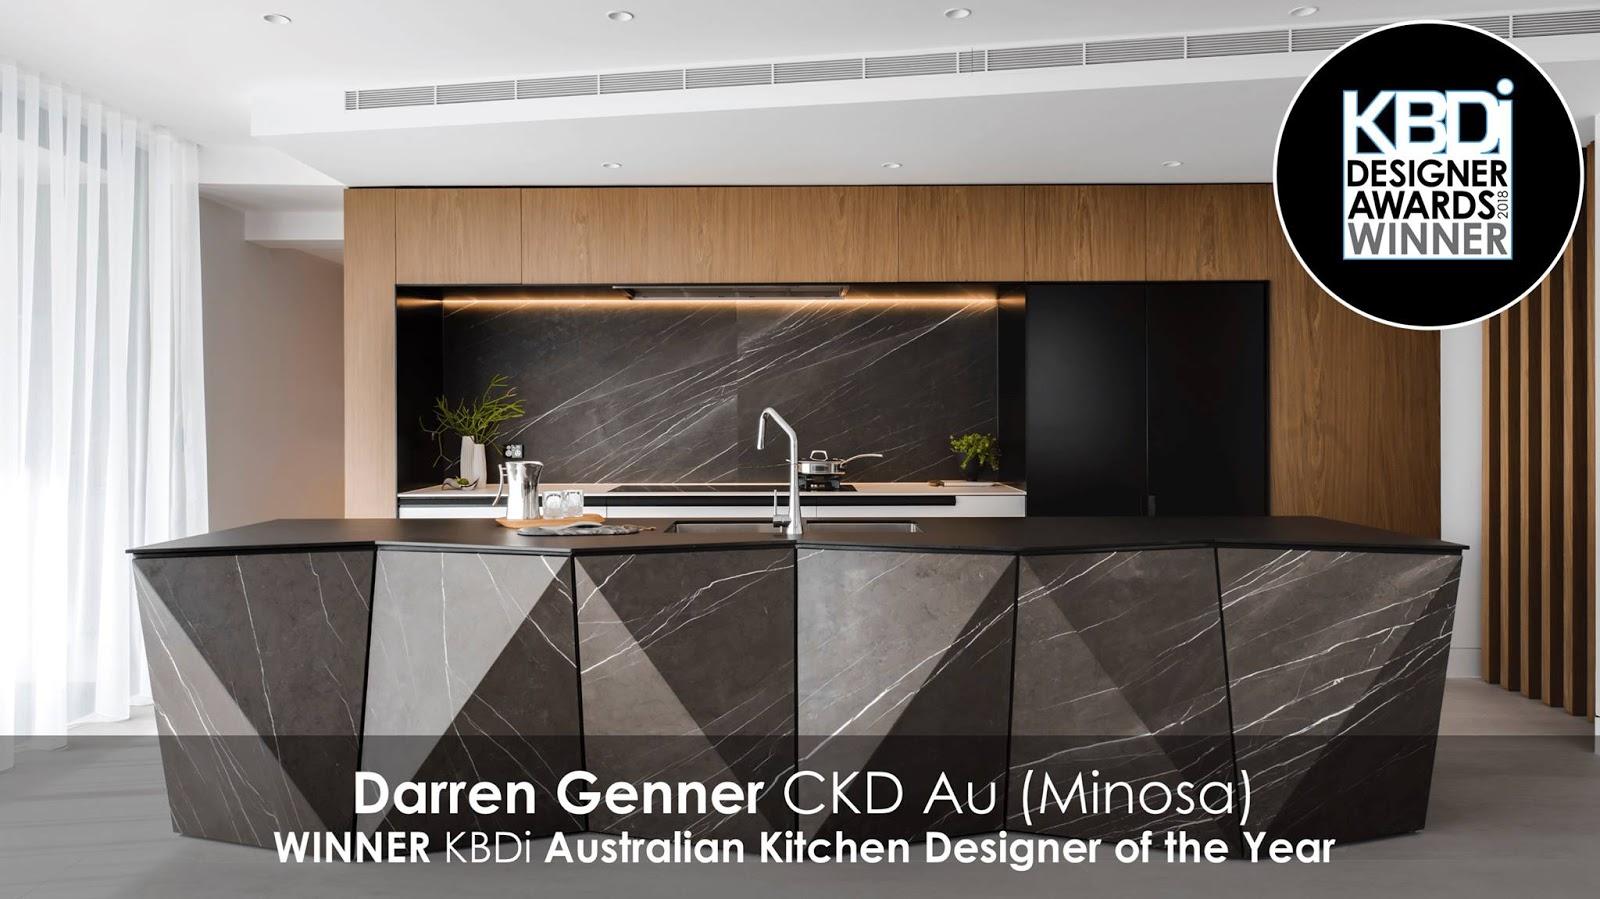 kitchen designer double sink minosa kbdi australian of the year 2018